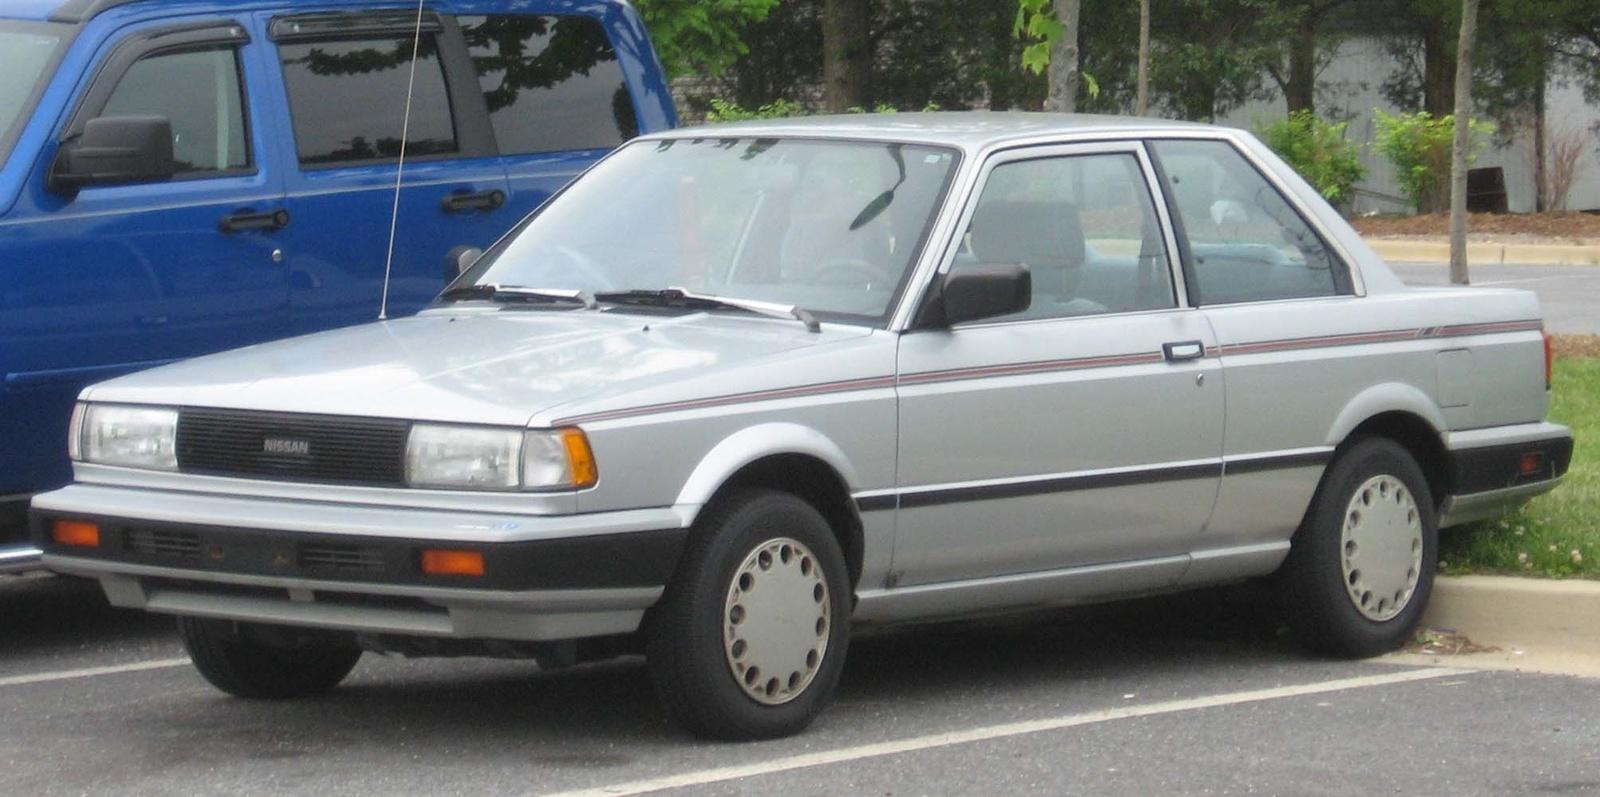 1987 Nissan Sentra Pictures Cargurus